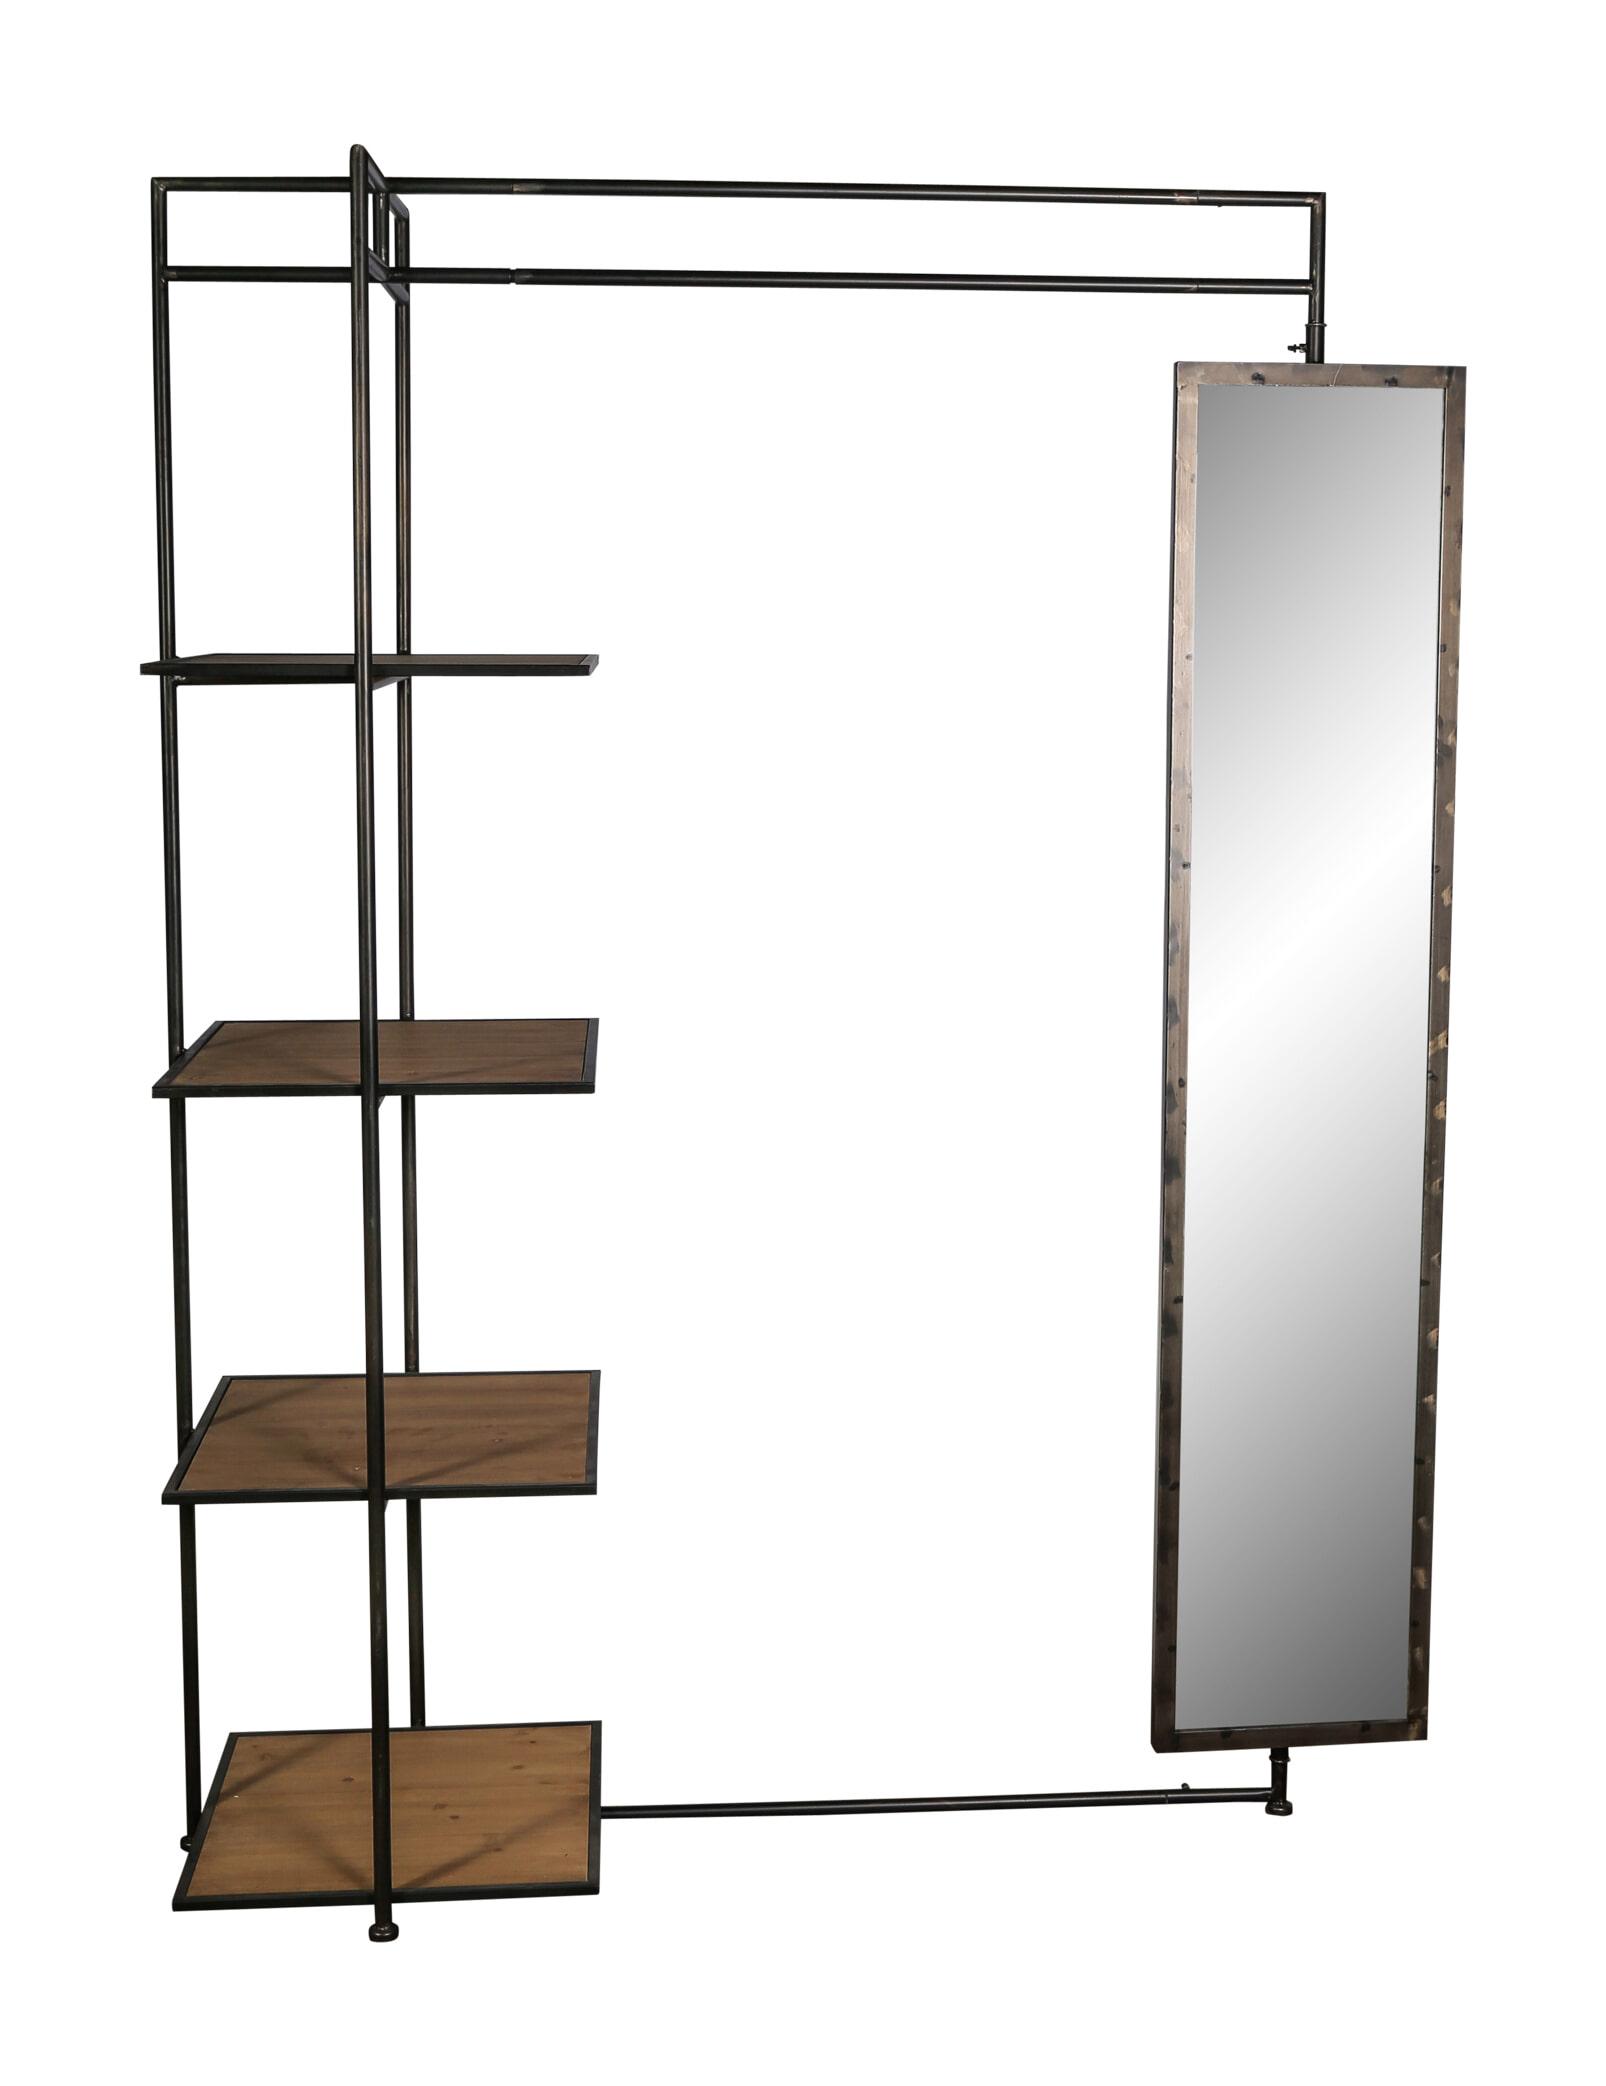 PTMD Kledingrek 'Abbi' Met spiegel, 154 x 193,5cm